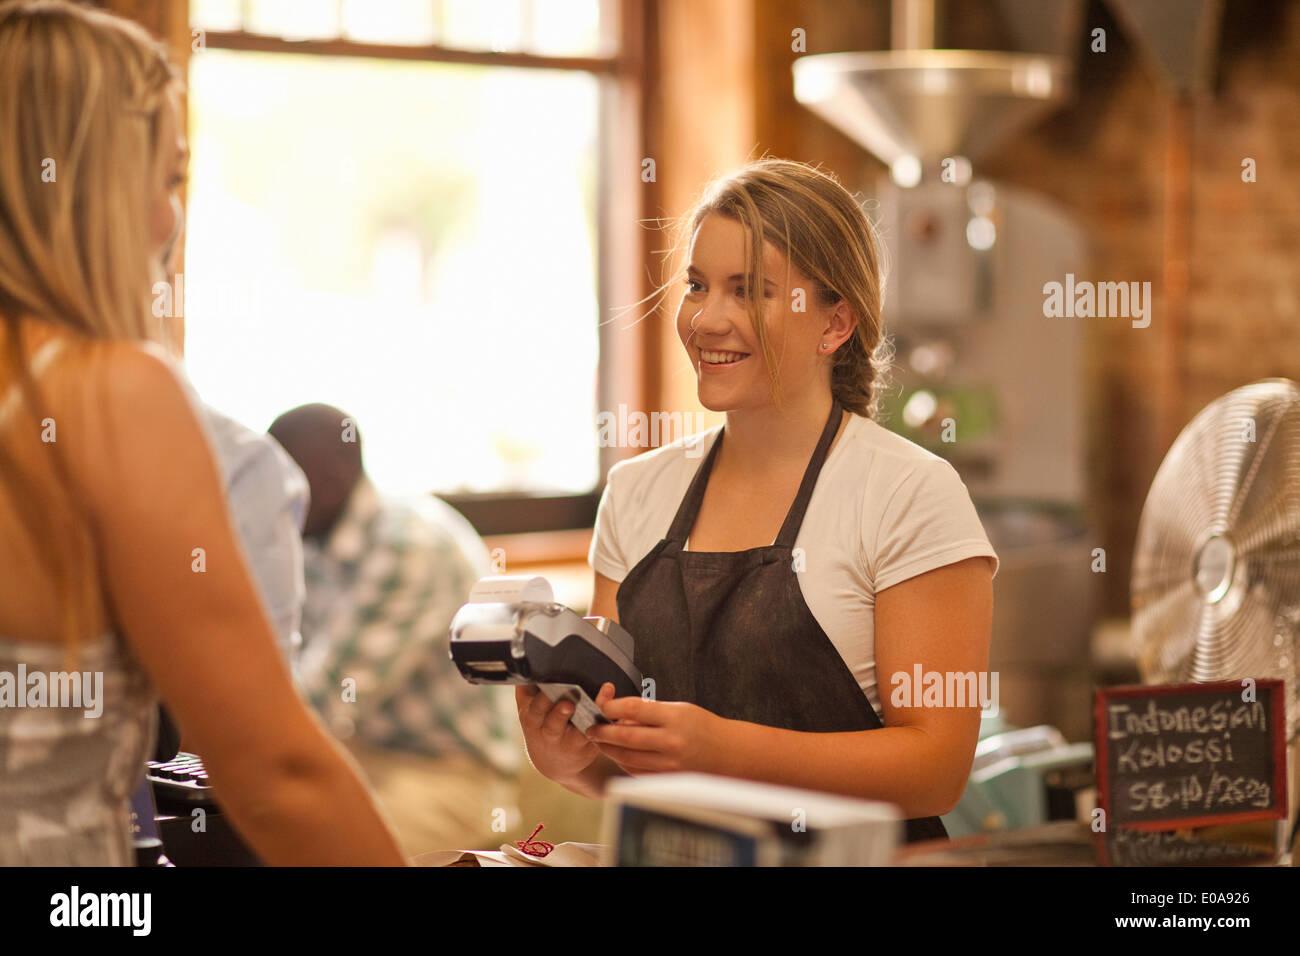 Jeune femme au service client dans un café Photo Stock